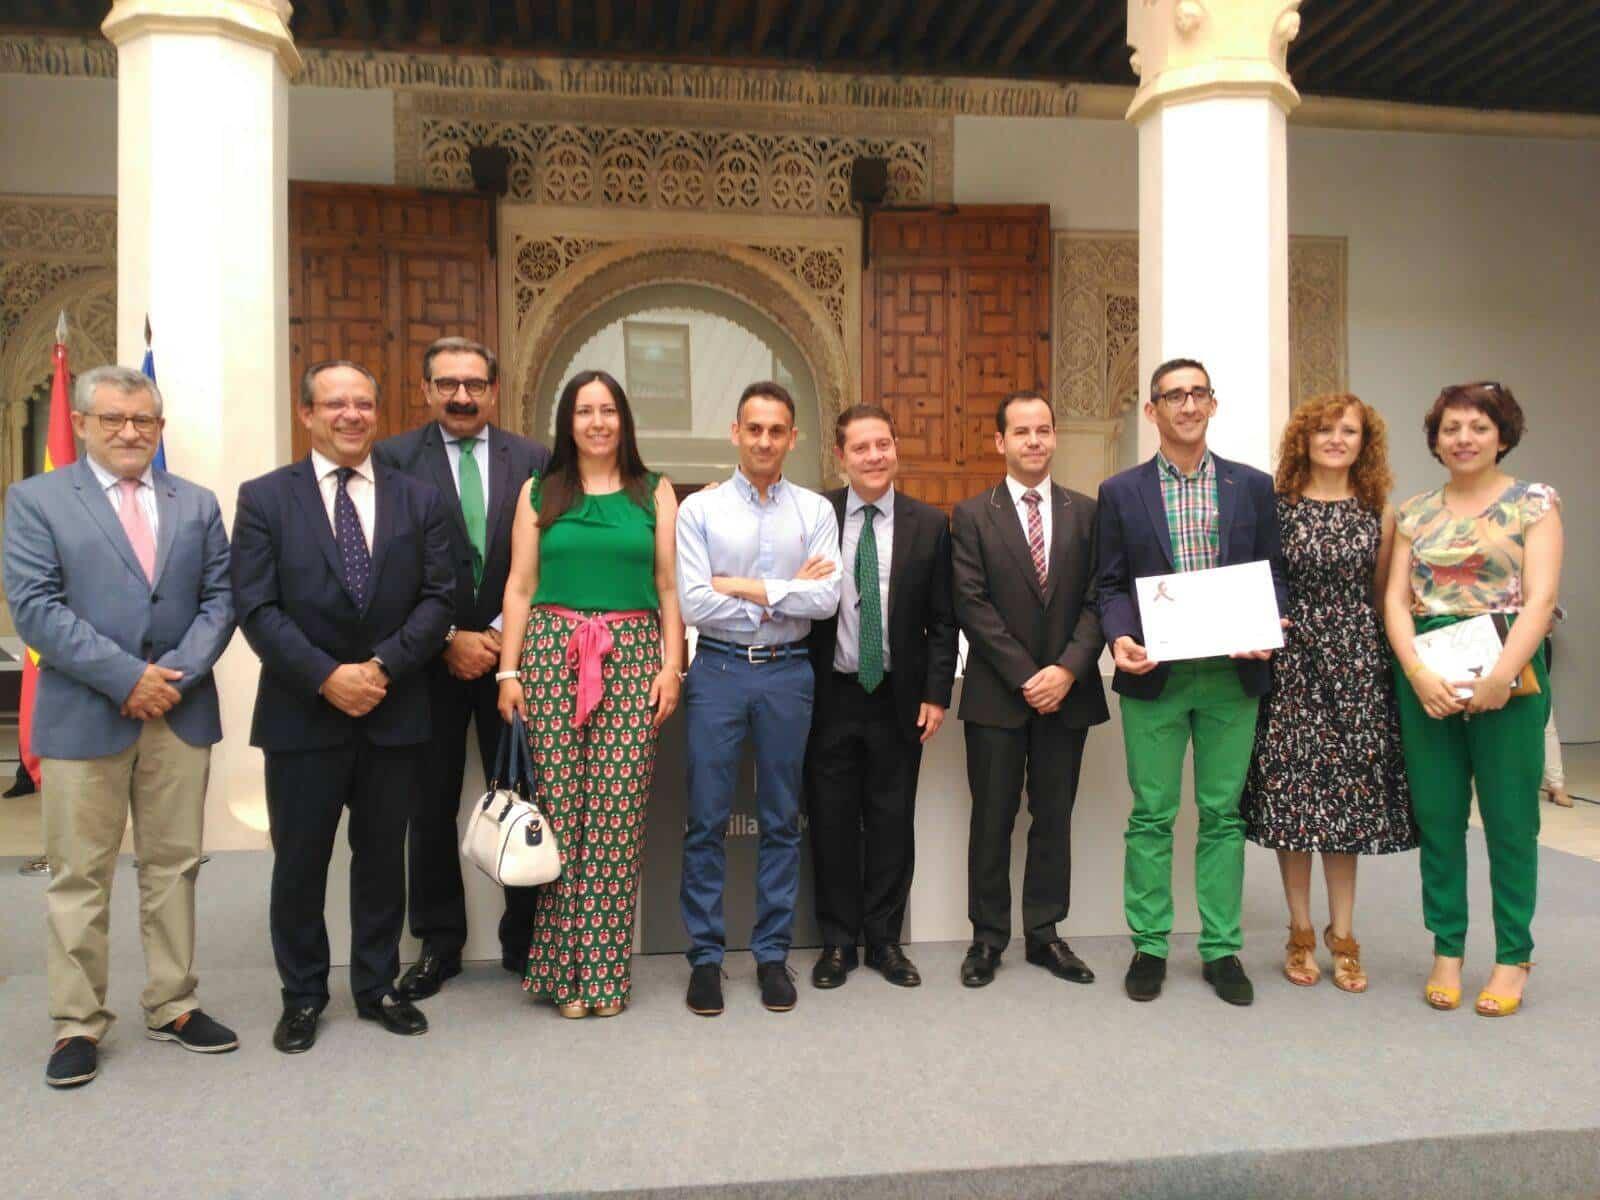 CEIP Carrasco Alcalde Premios Excelencia4 - El CEIP Carrasco Alcalde en la gala de los VI premios de Excelencia y calidad en la prestación de servicios públicos